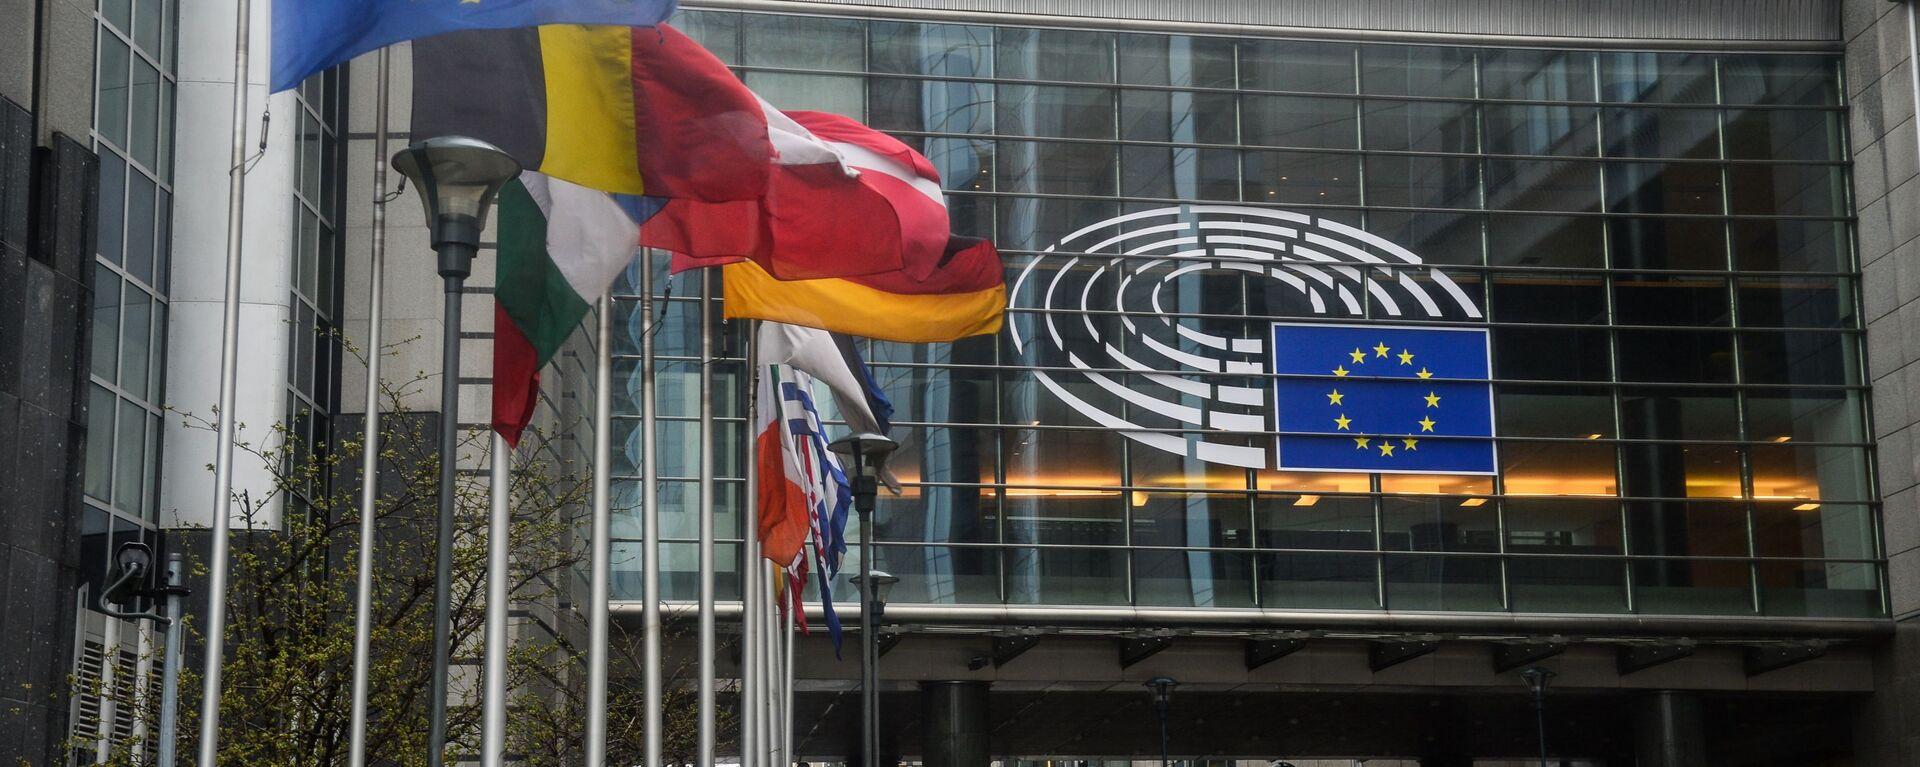 Sede del Parlamento Europeo en Estrasburgo - Sputnik Mundo, 1920, 10.06.2021